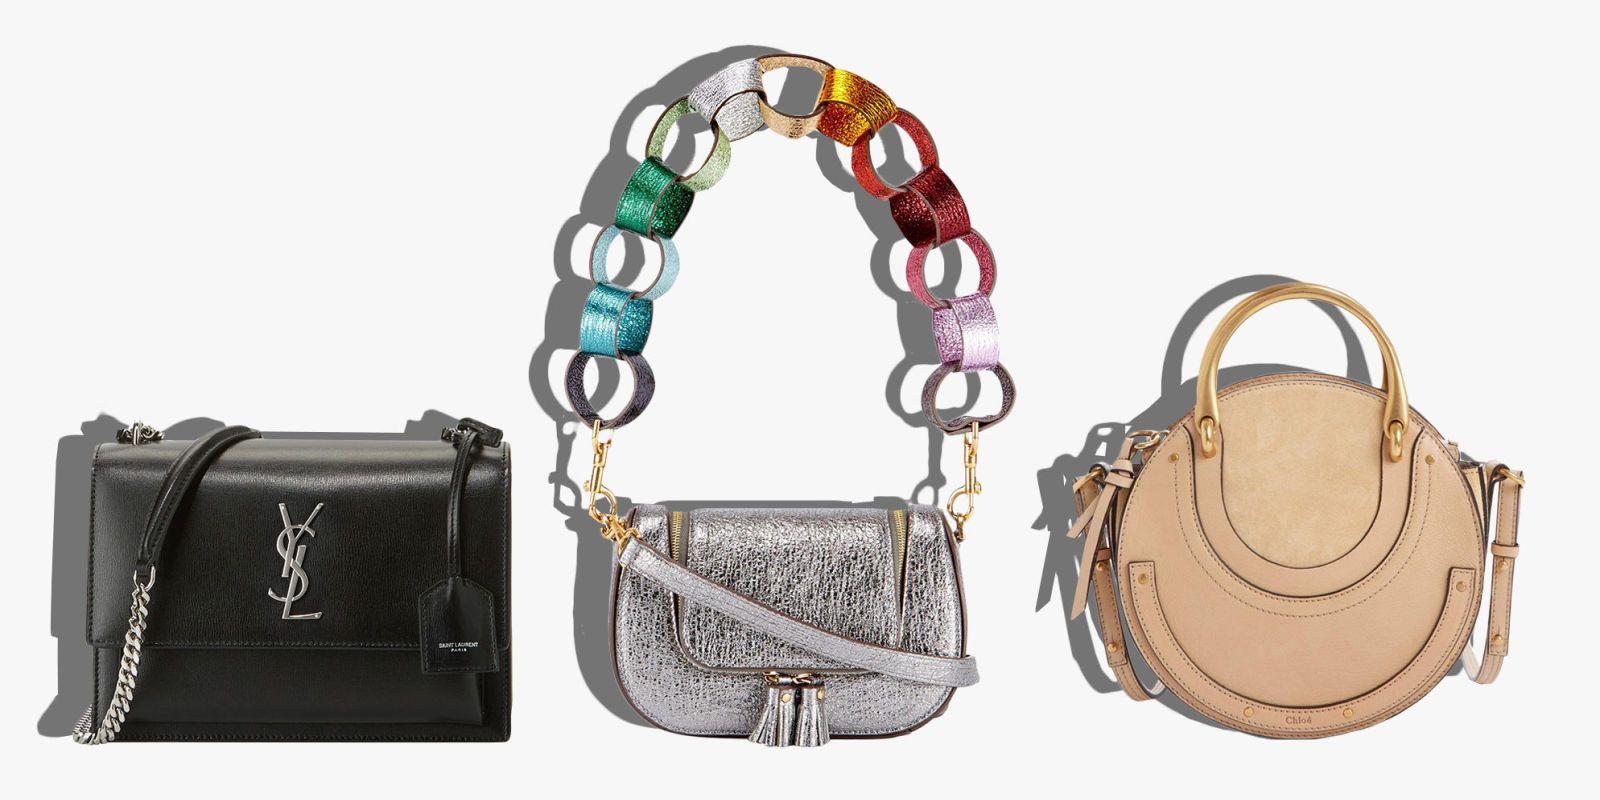 New fashion handbags 2018 96